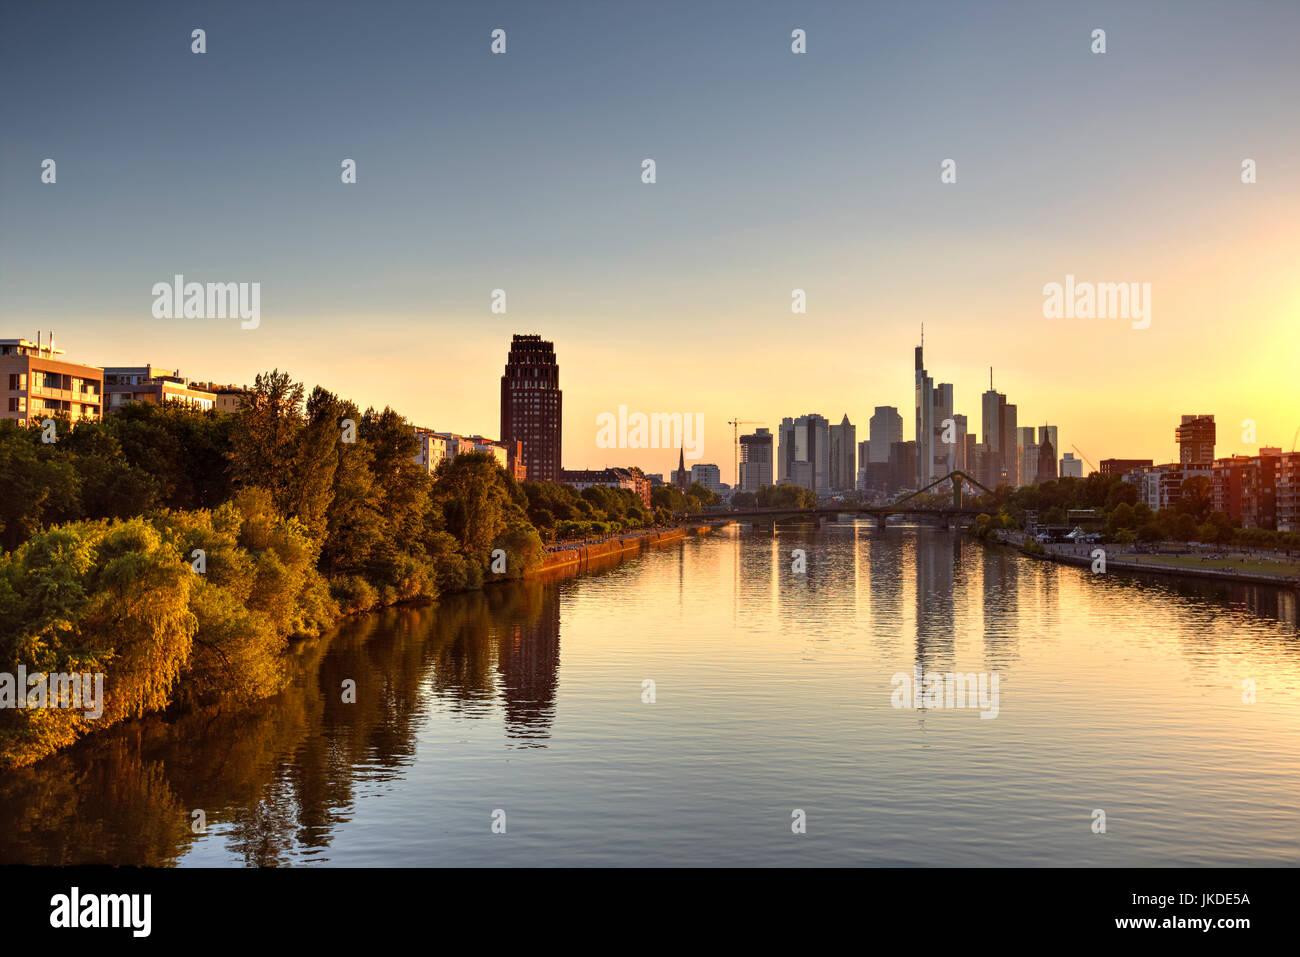 Grattacieli di Francoforte si riflette sul fiume principale e l'ora d'oro, Germania Foto Stock